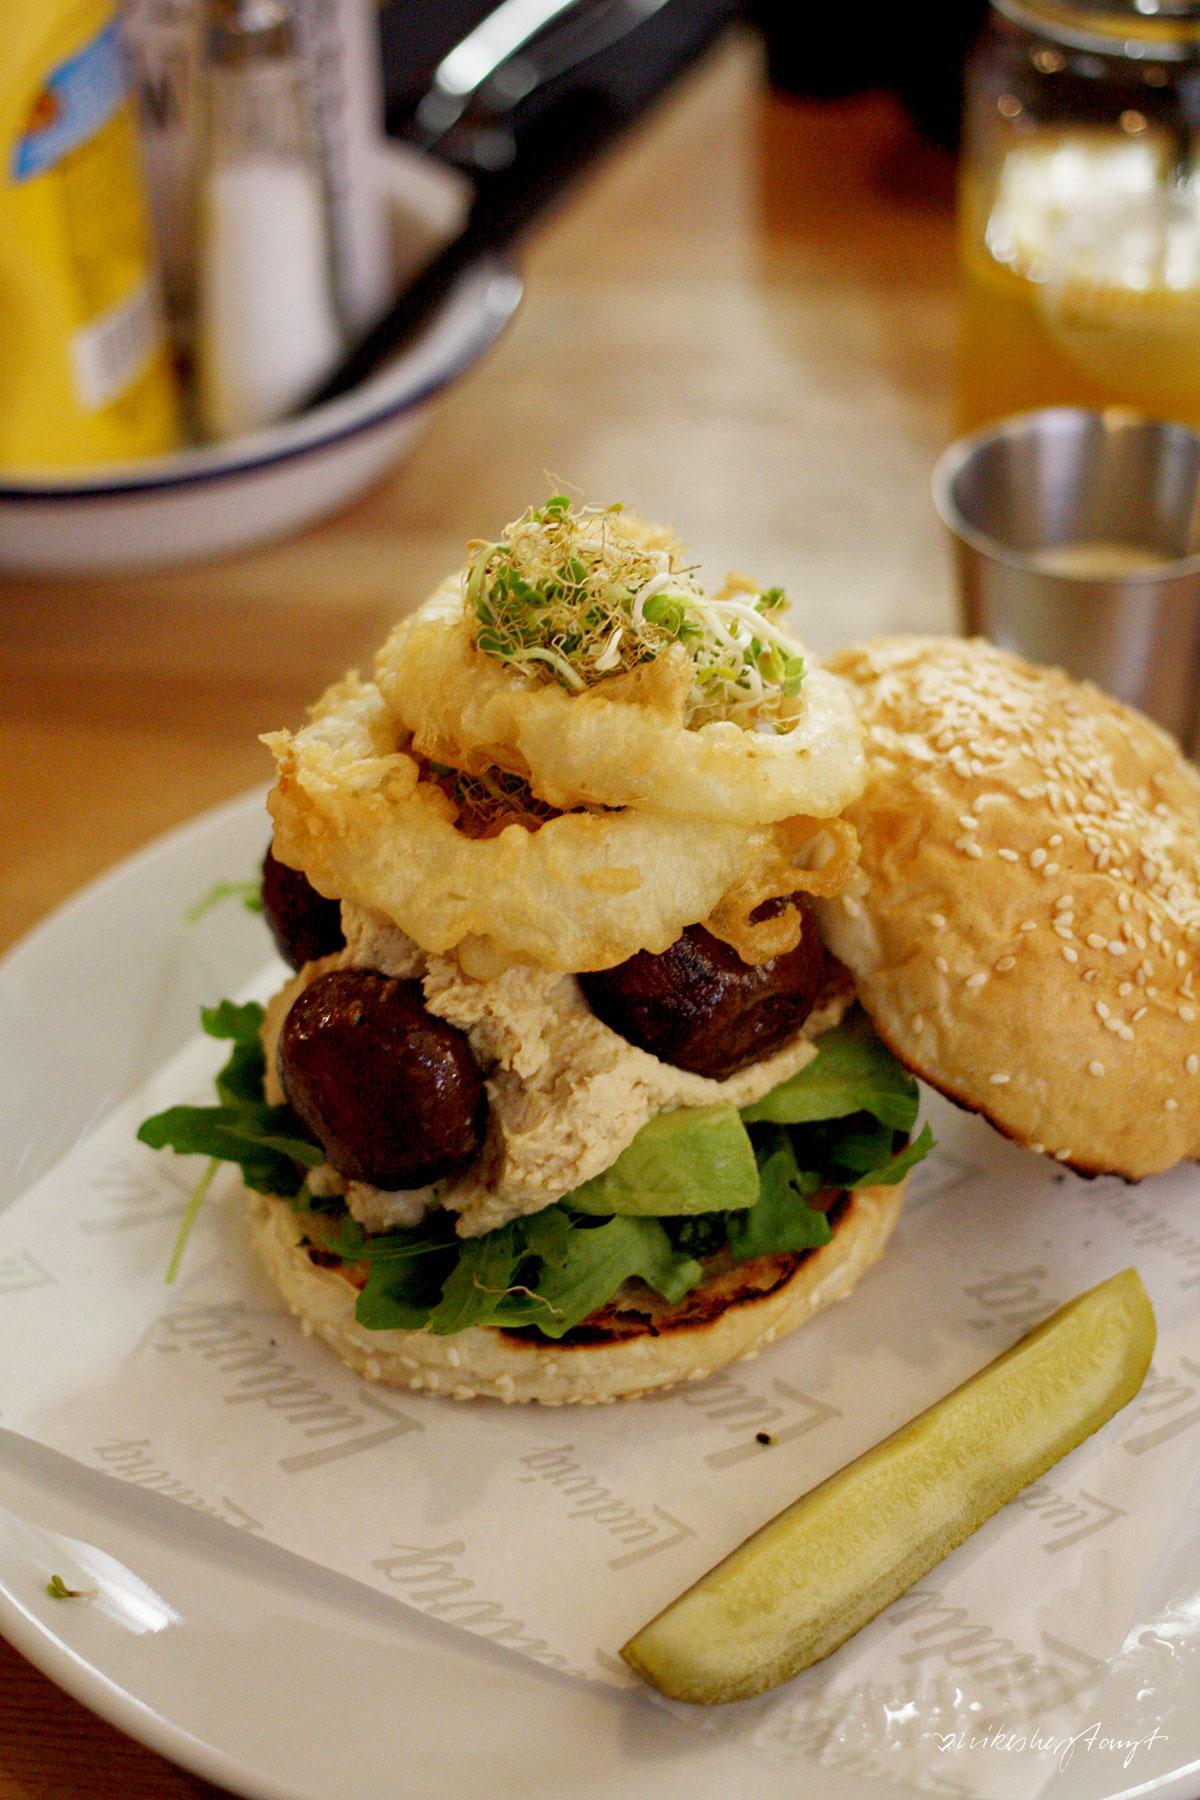 ludwig, das burgerrestaurant in salzburg, #nikeunterwegs, #visitsalzburg, food, blog, nikesherztanzt